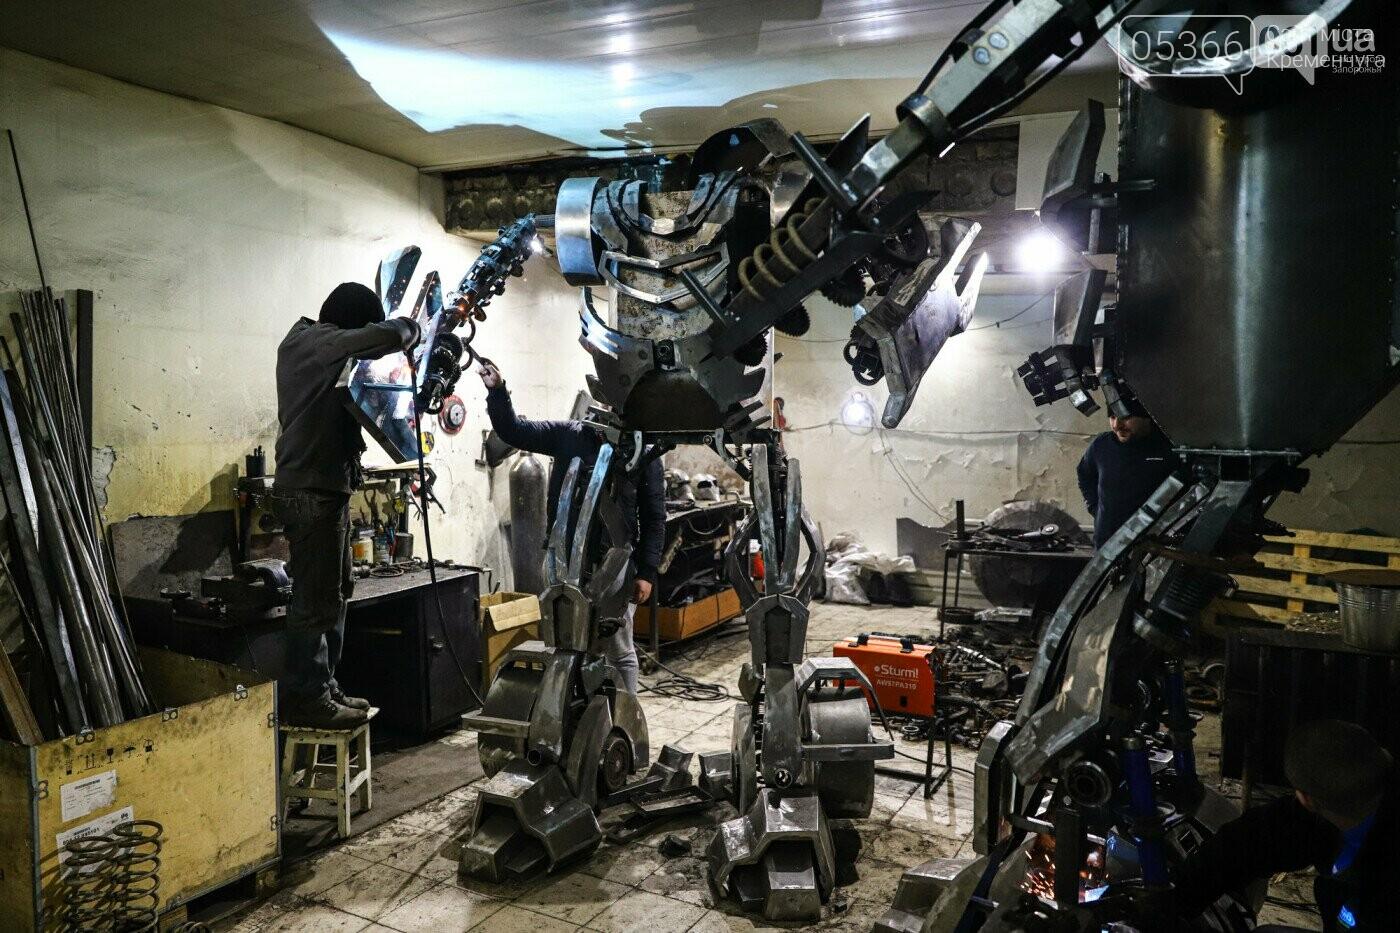 Звездолеты, роботы и Мастер Йода — в Кременчуге откроется крутая выставка, фото-6